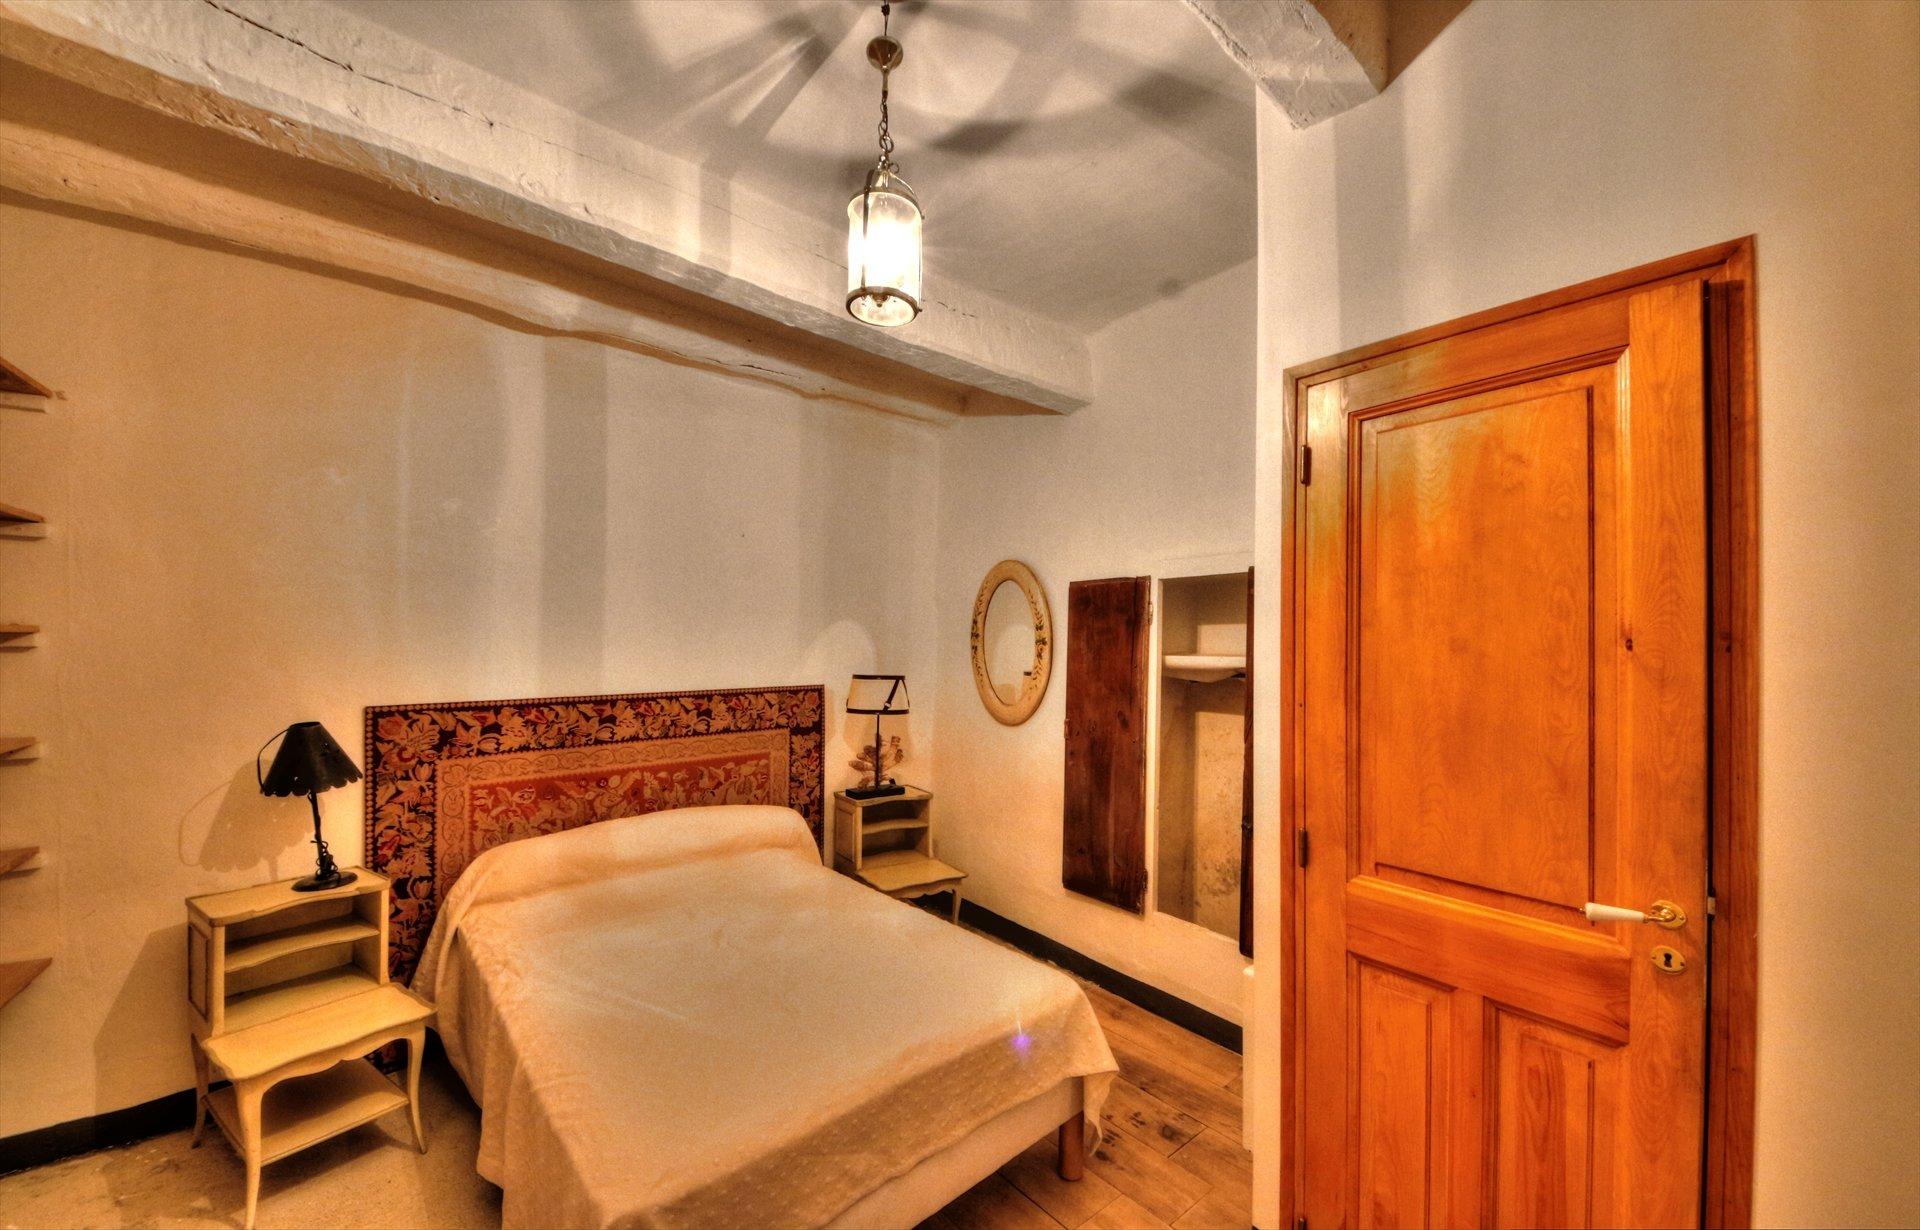 Tourtour, superbe maison avec appartement et commerce